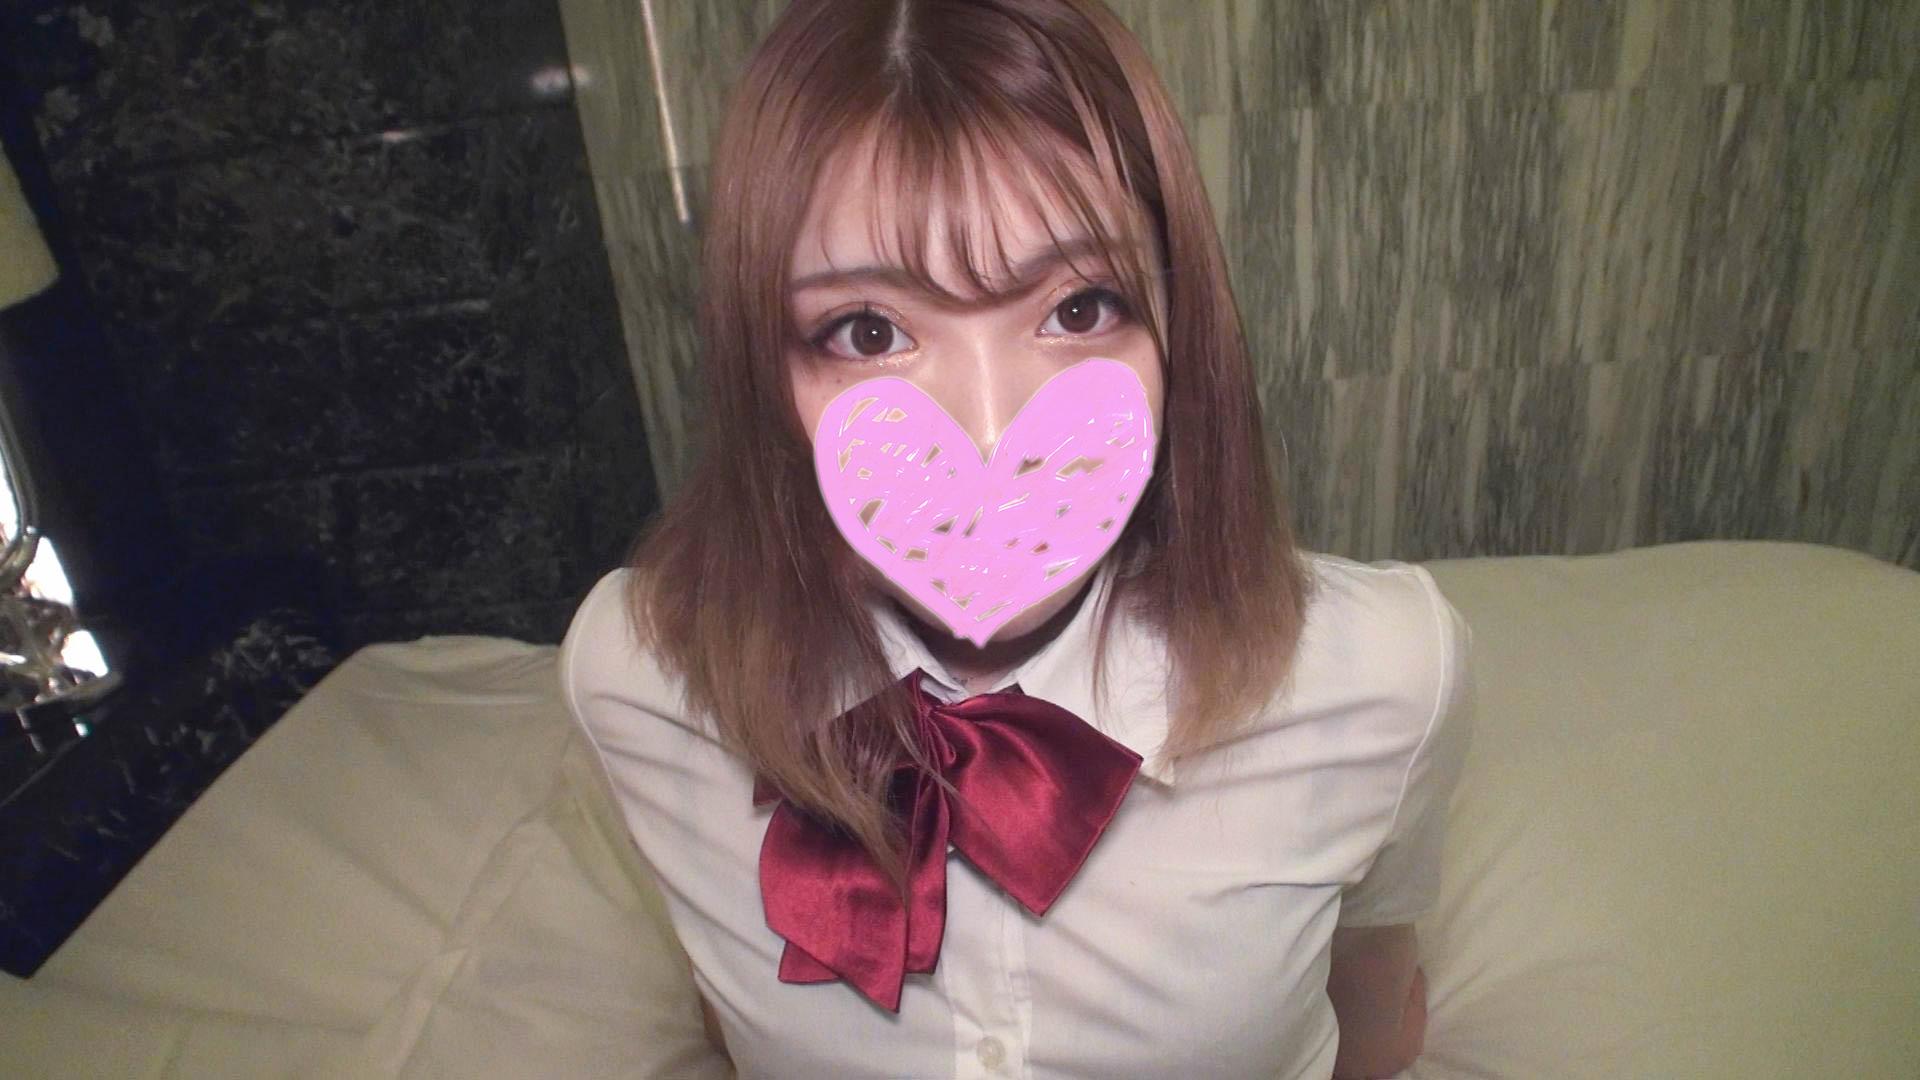 FC2 PPV 1762008 【無修正】ハーフモデル級の美少女J●リフレ嬢まいちゃんの極秘裏バイト!! まいちゃん(18歳)